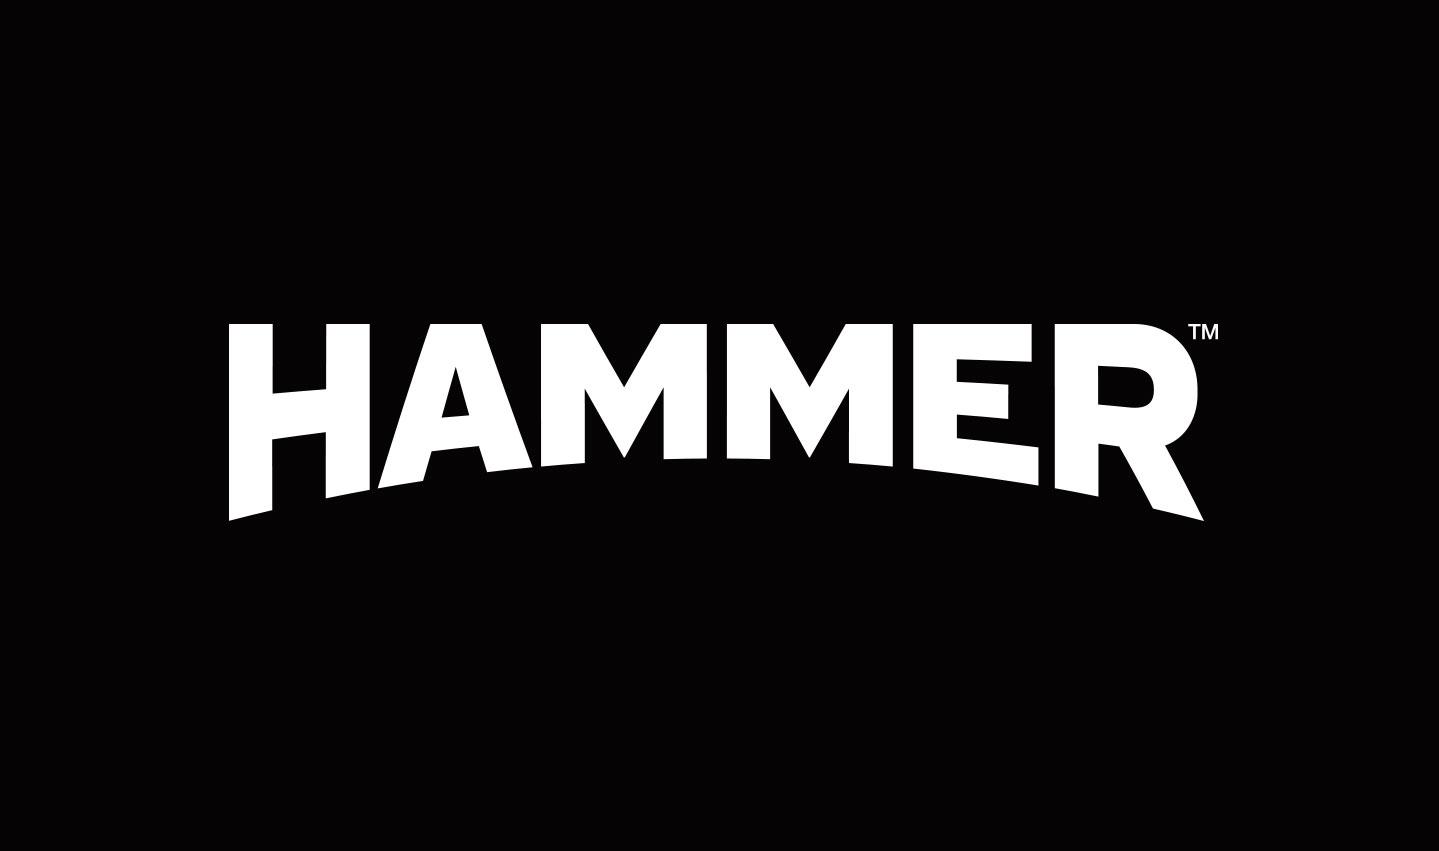 Hammer_logo_3